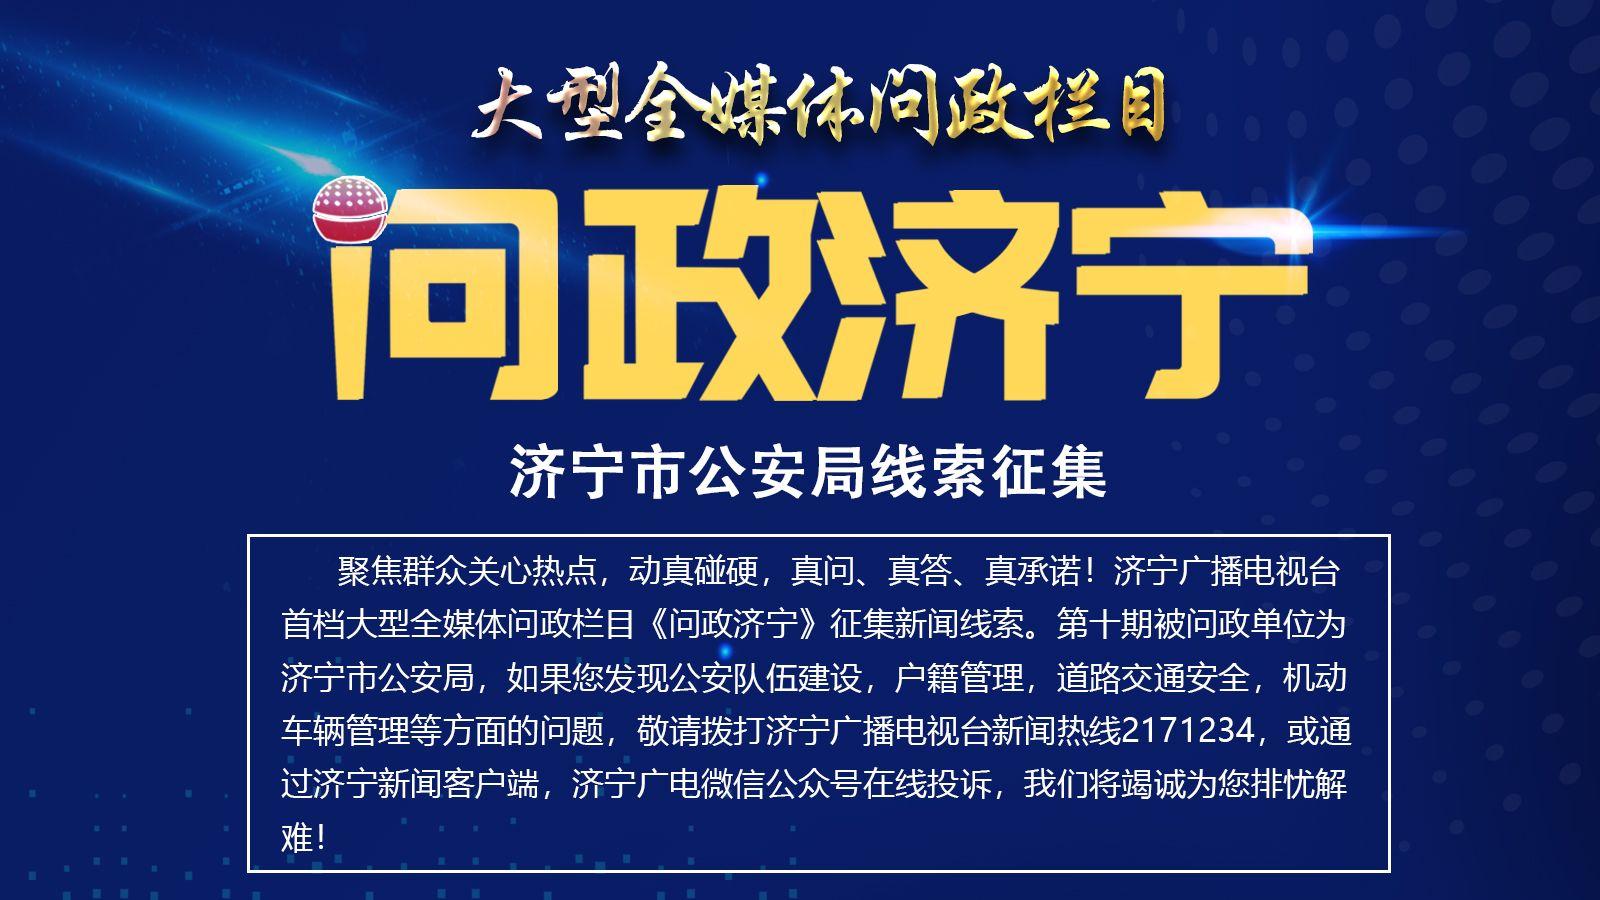 《问政济宁》第十期征集新闻线索 被问政单位济宁市公安局